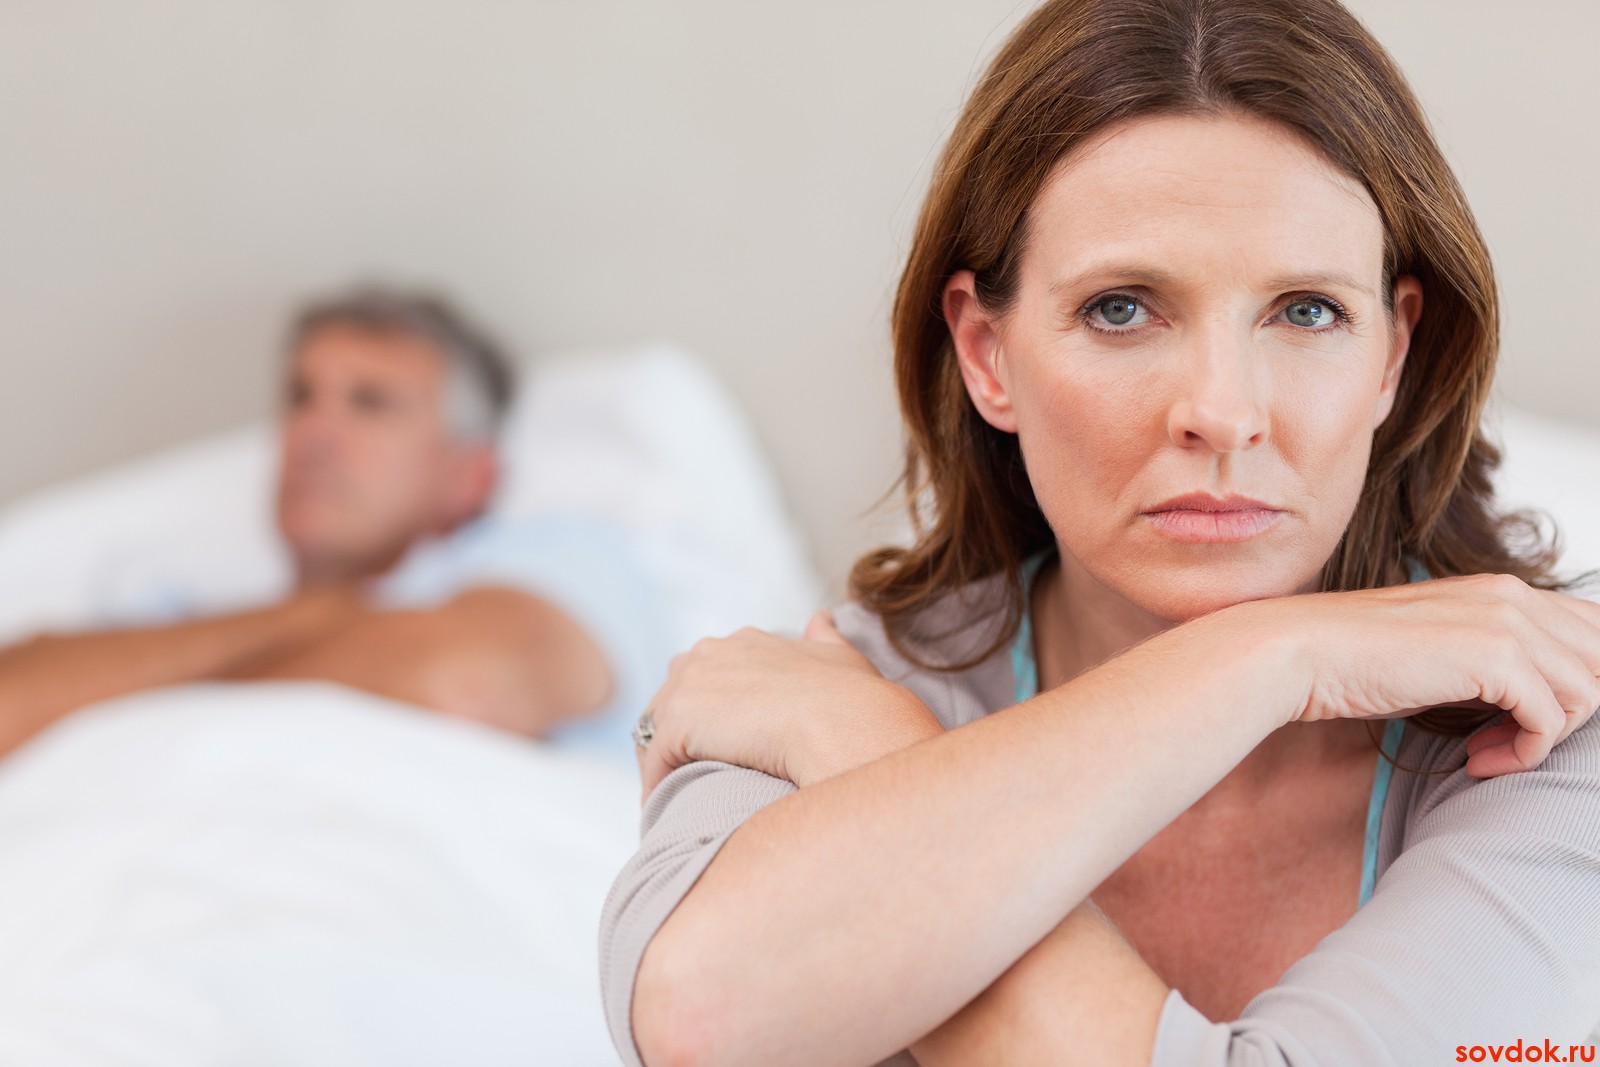 Бактериальный вагиноз — проблема, о которой должна помнить каждая женщина